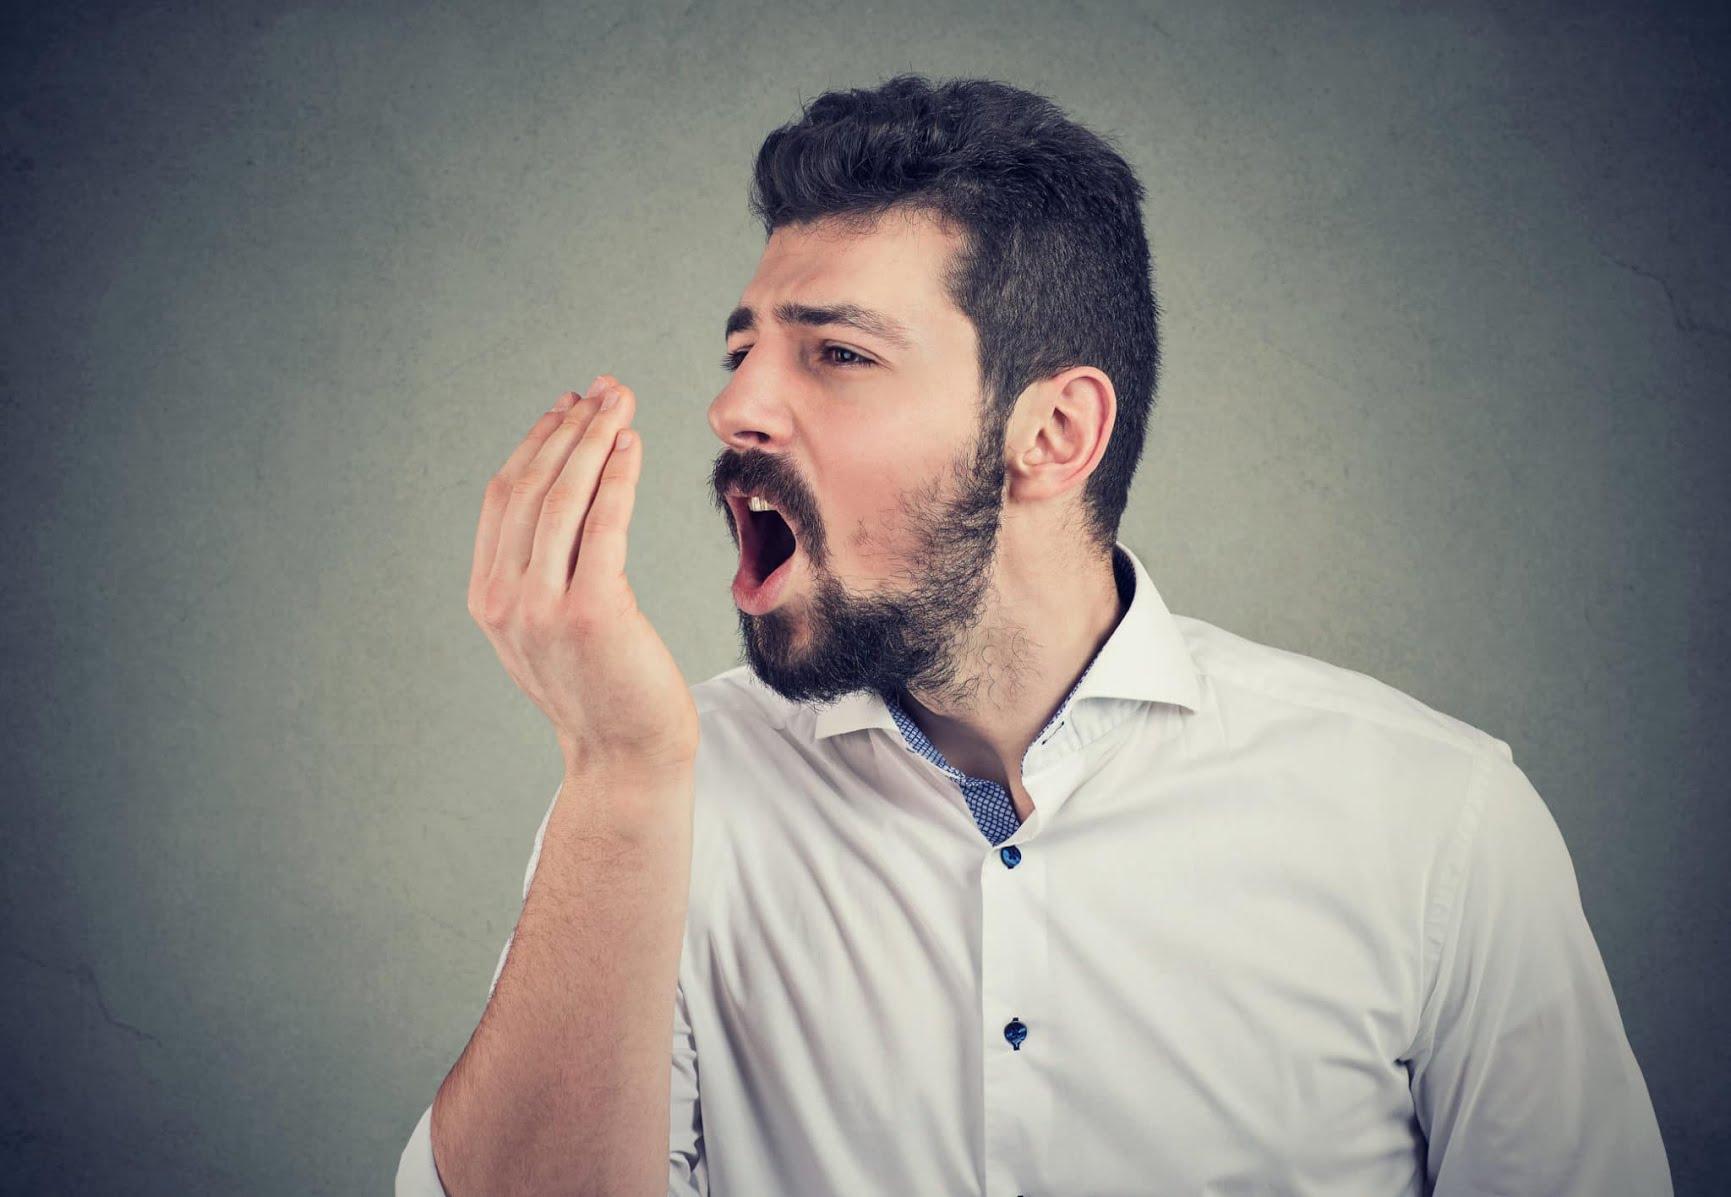 Conseils contre la mauvaise haleine